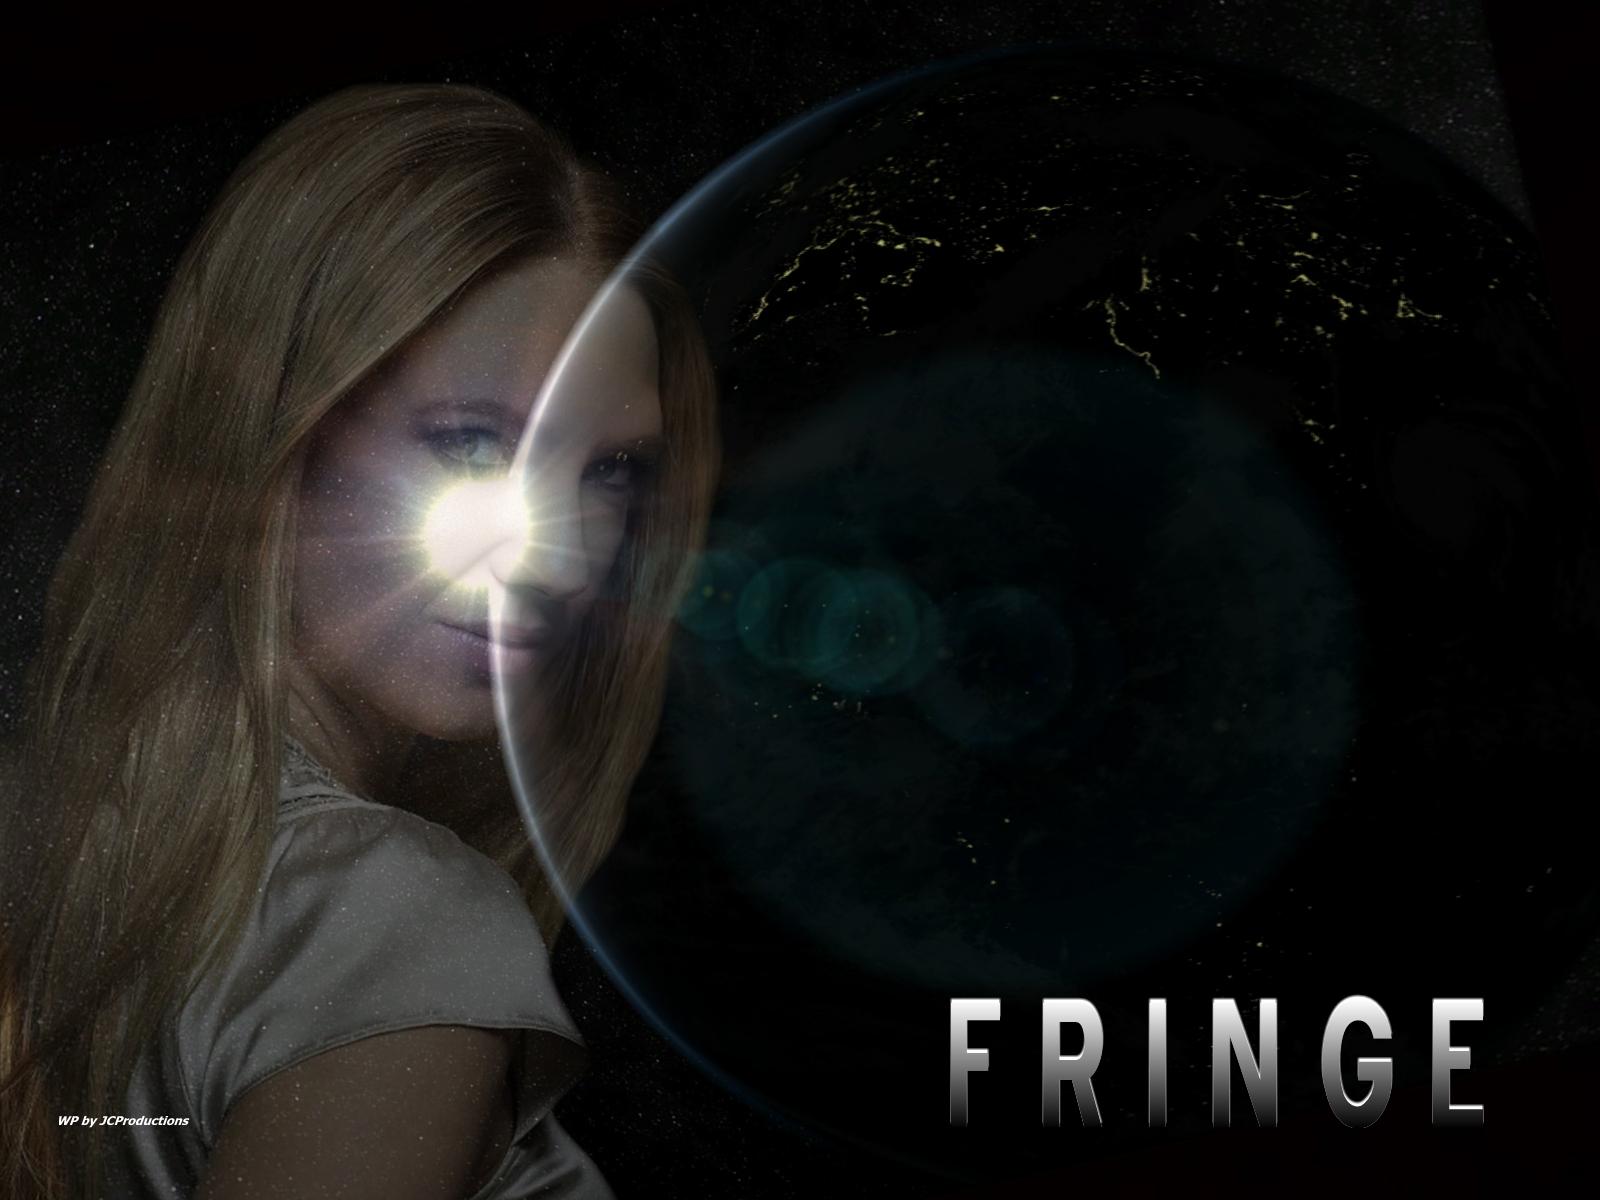 Fringe Anna Torv   Fringe Wallpaper 27510040 1600x1200